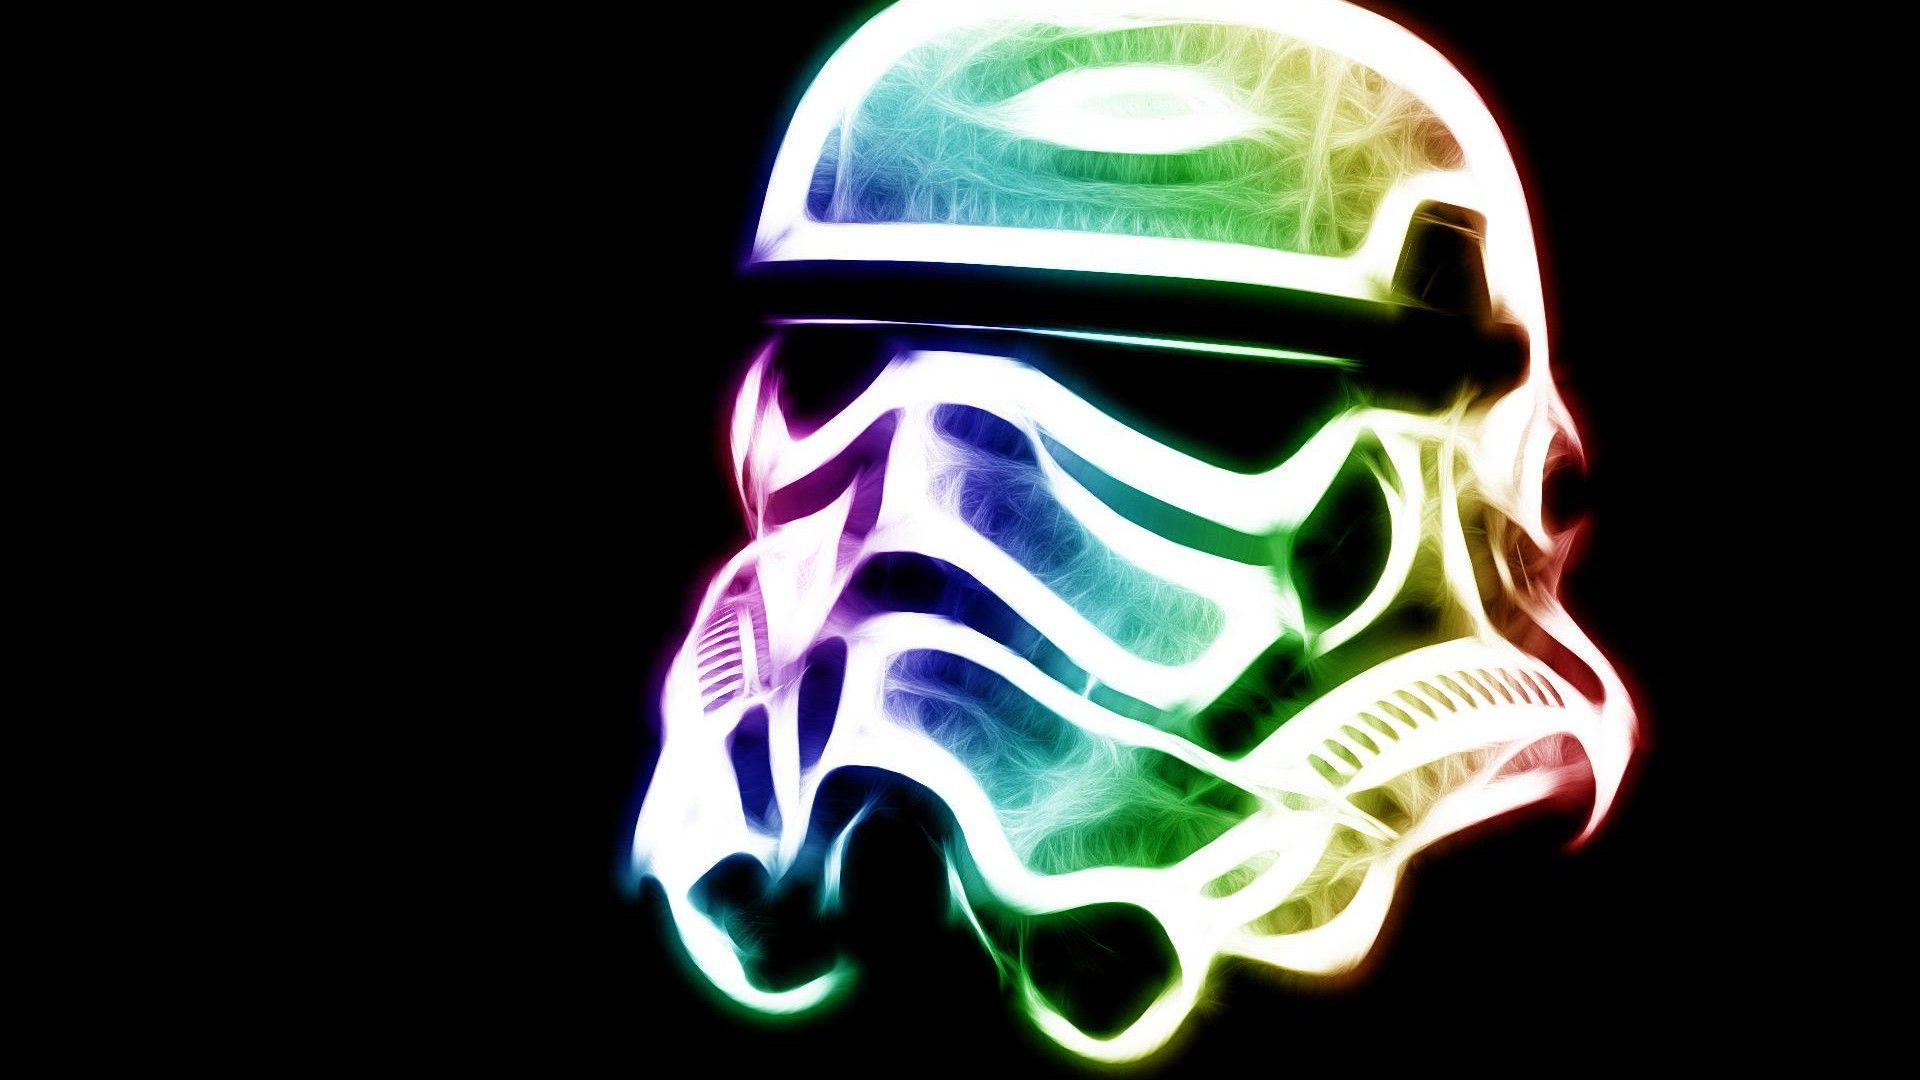 Funny Stormtrooper Wallpaper Star Wars Jpg 1920x1080PX War 1920x1080